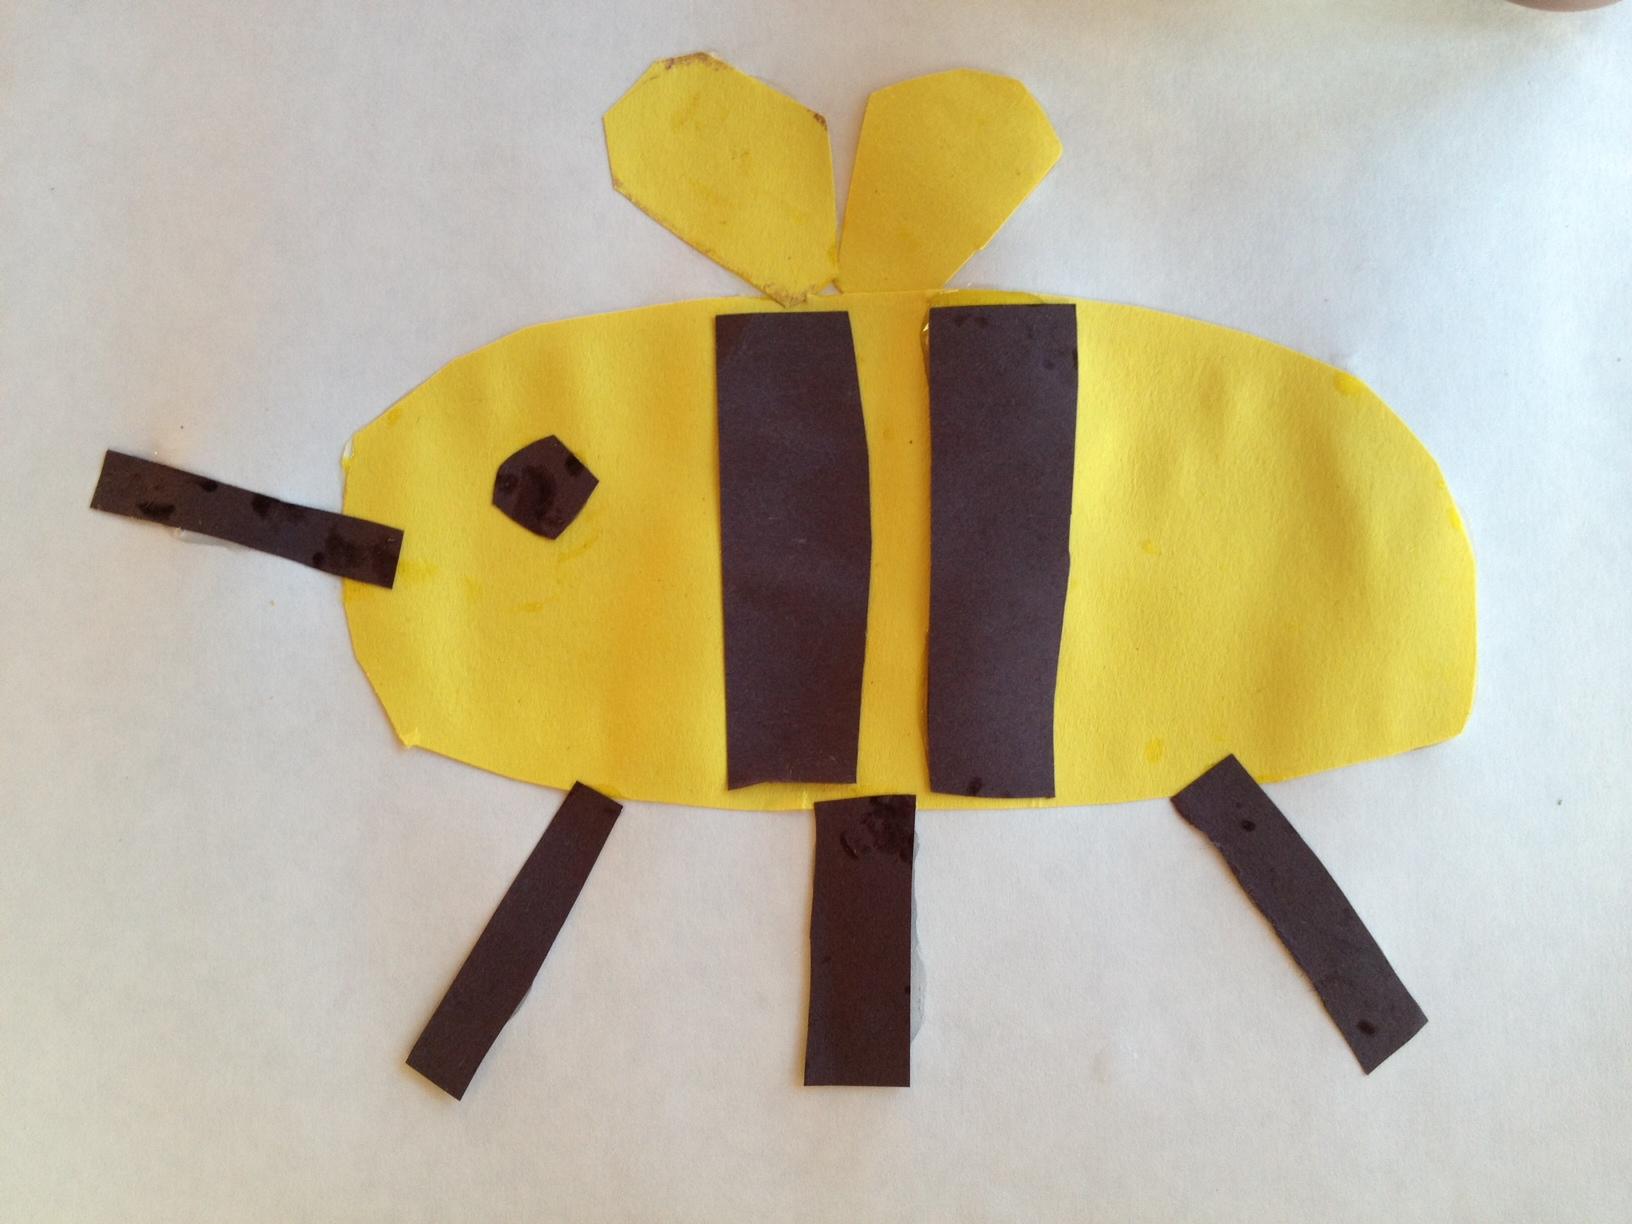 Bee Crafts For Preschoolers Fun Based Activities With